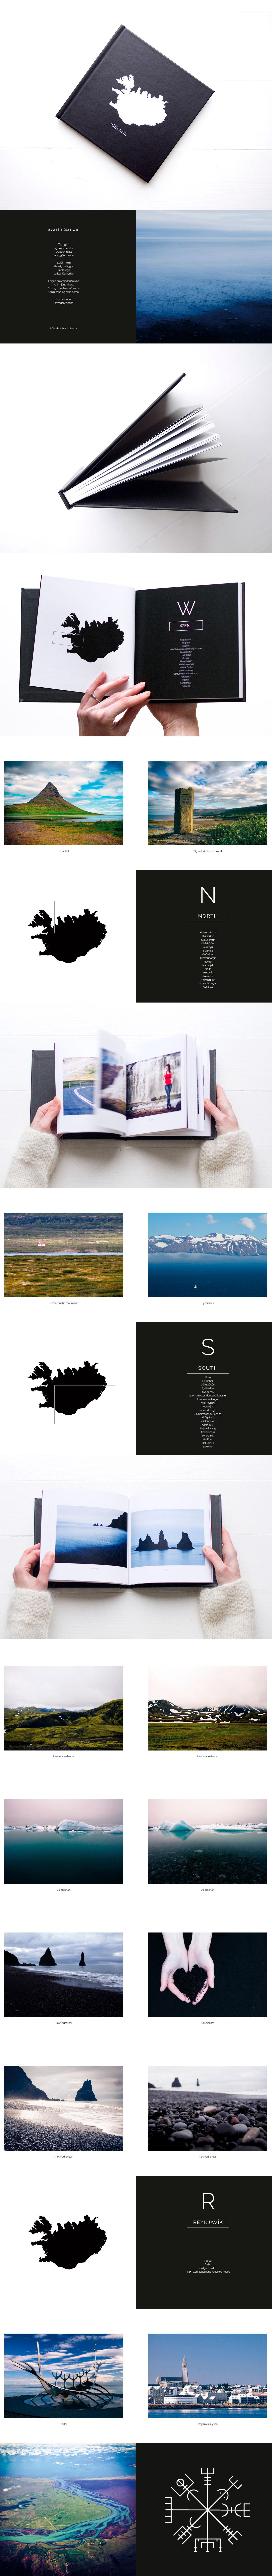 ICELAND. Fotoksiążka. Islandzkie wspomnienia na papierze.